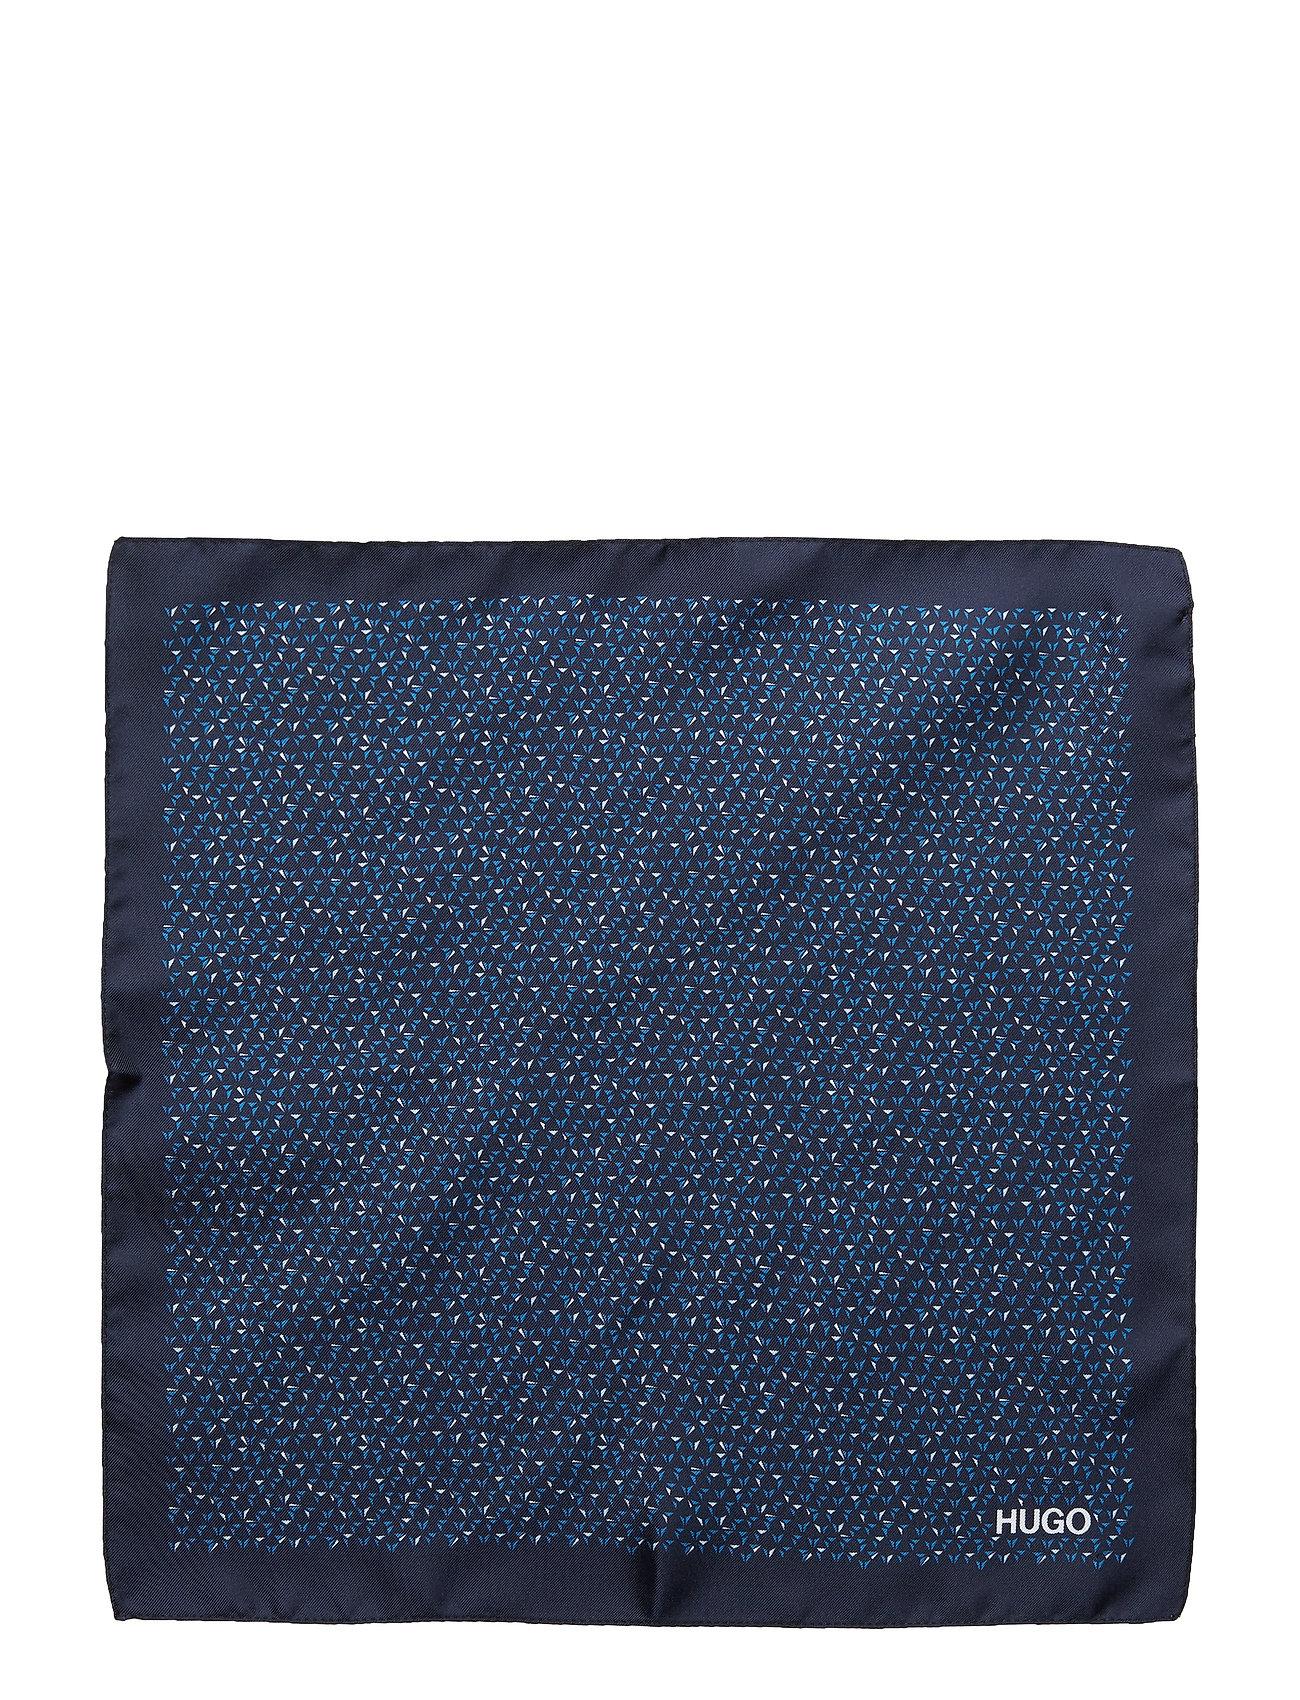 Pocketsquare 33x33cm Brystlommetørklæde Blå HUGO